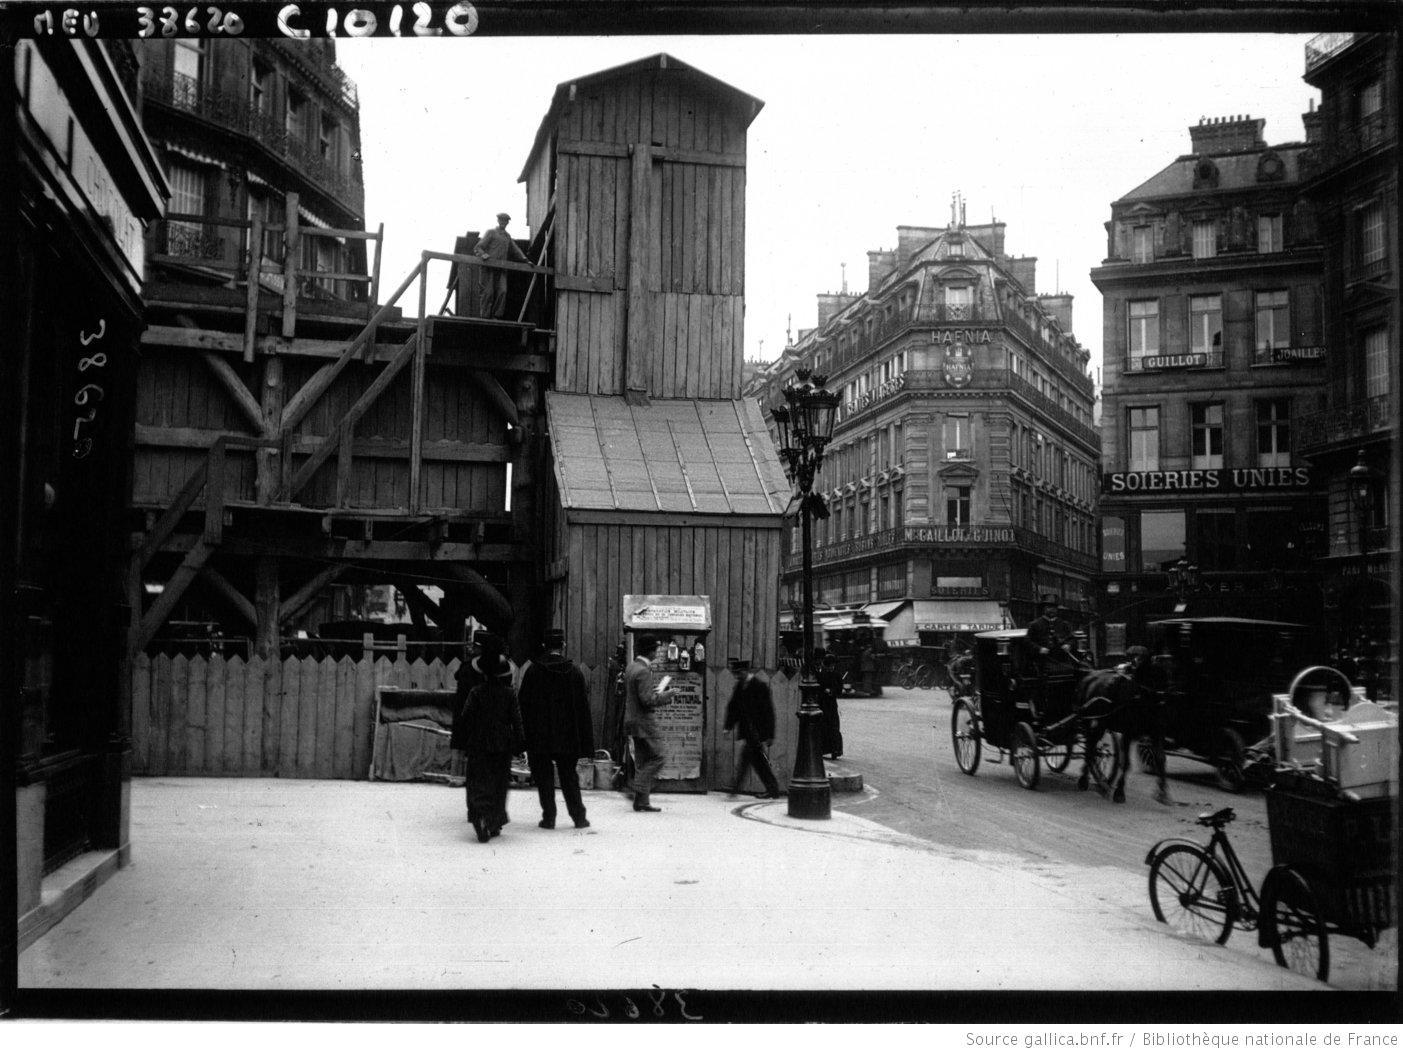 Galerie souterraine vue depuis la surface, construction du métro parisien, Agence de presse Meurisse, 1913, Bibliothèque nationale de France, département Estampes et photographie, EI-13(2499)